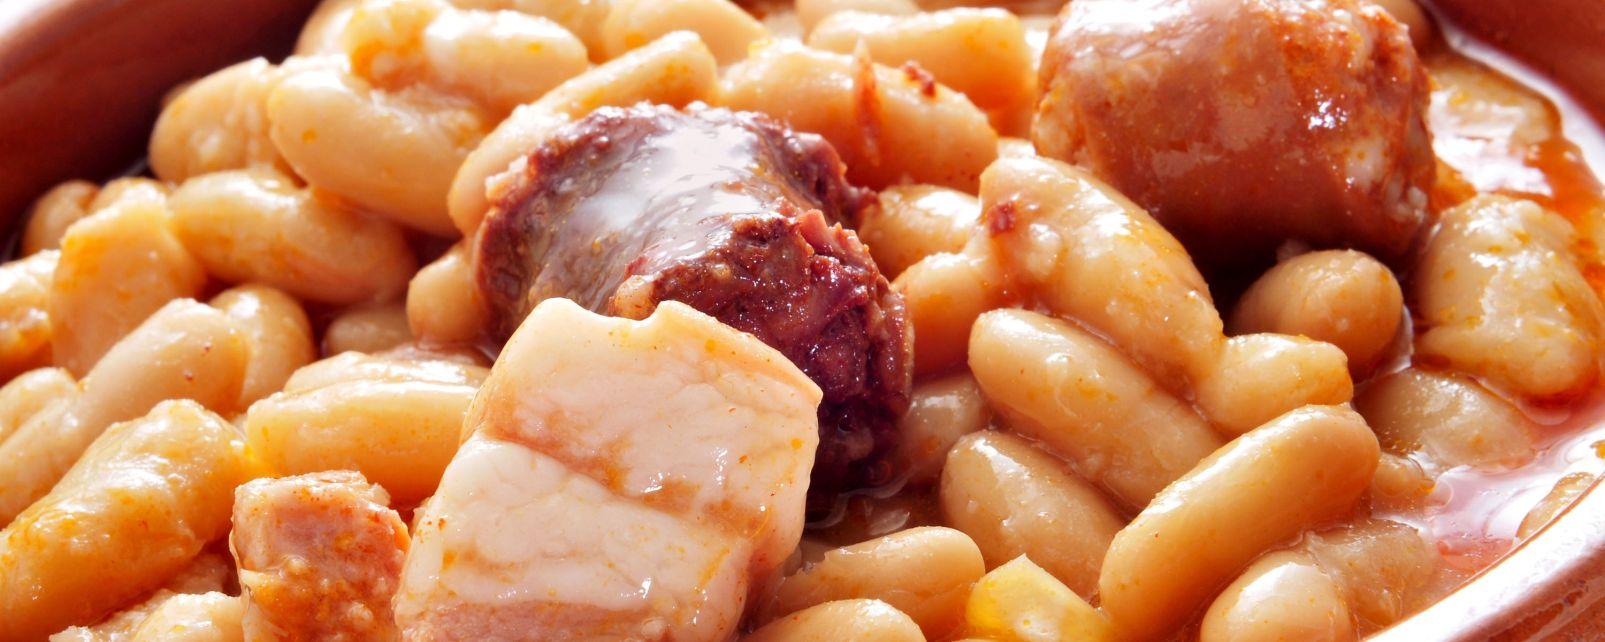 Les arts et la culture, asturie, gastronomie, cuisine, espagne, europe, plat, recette, alimentation